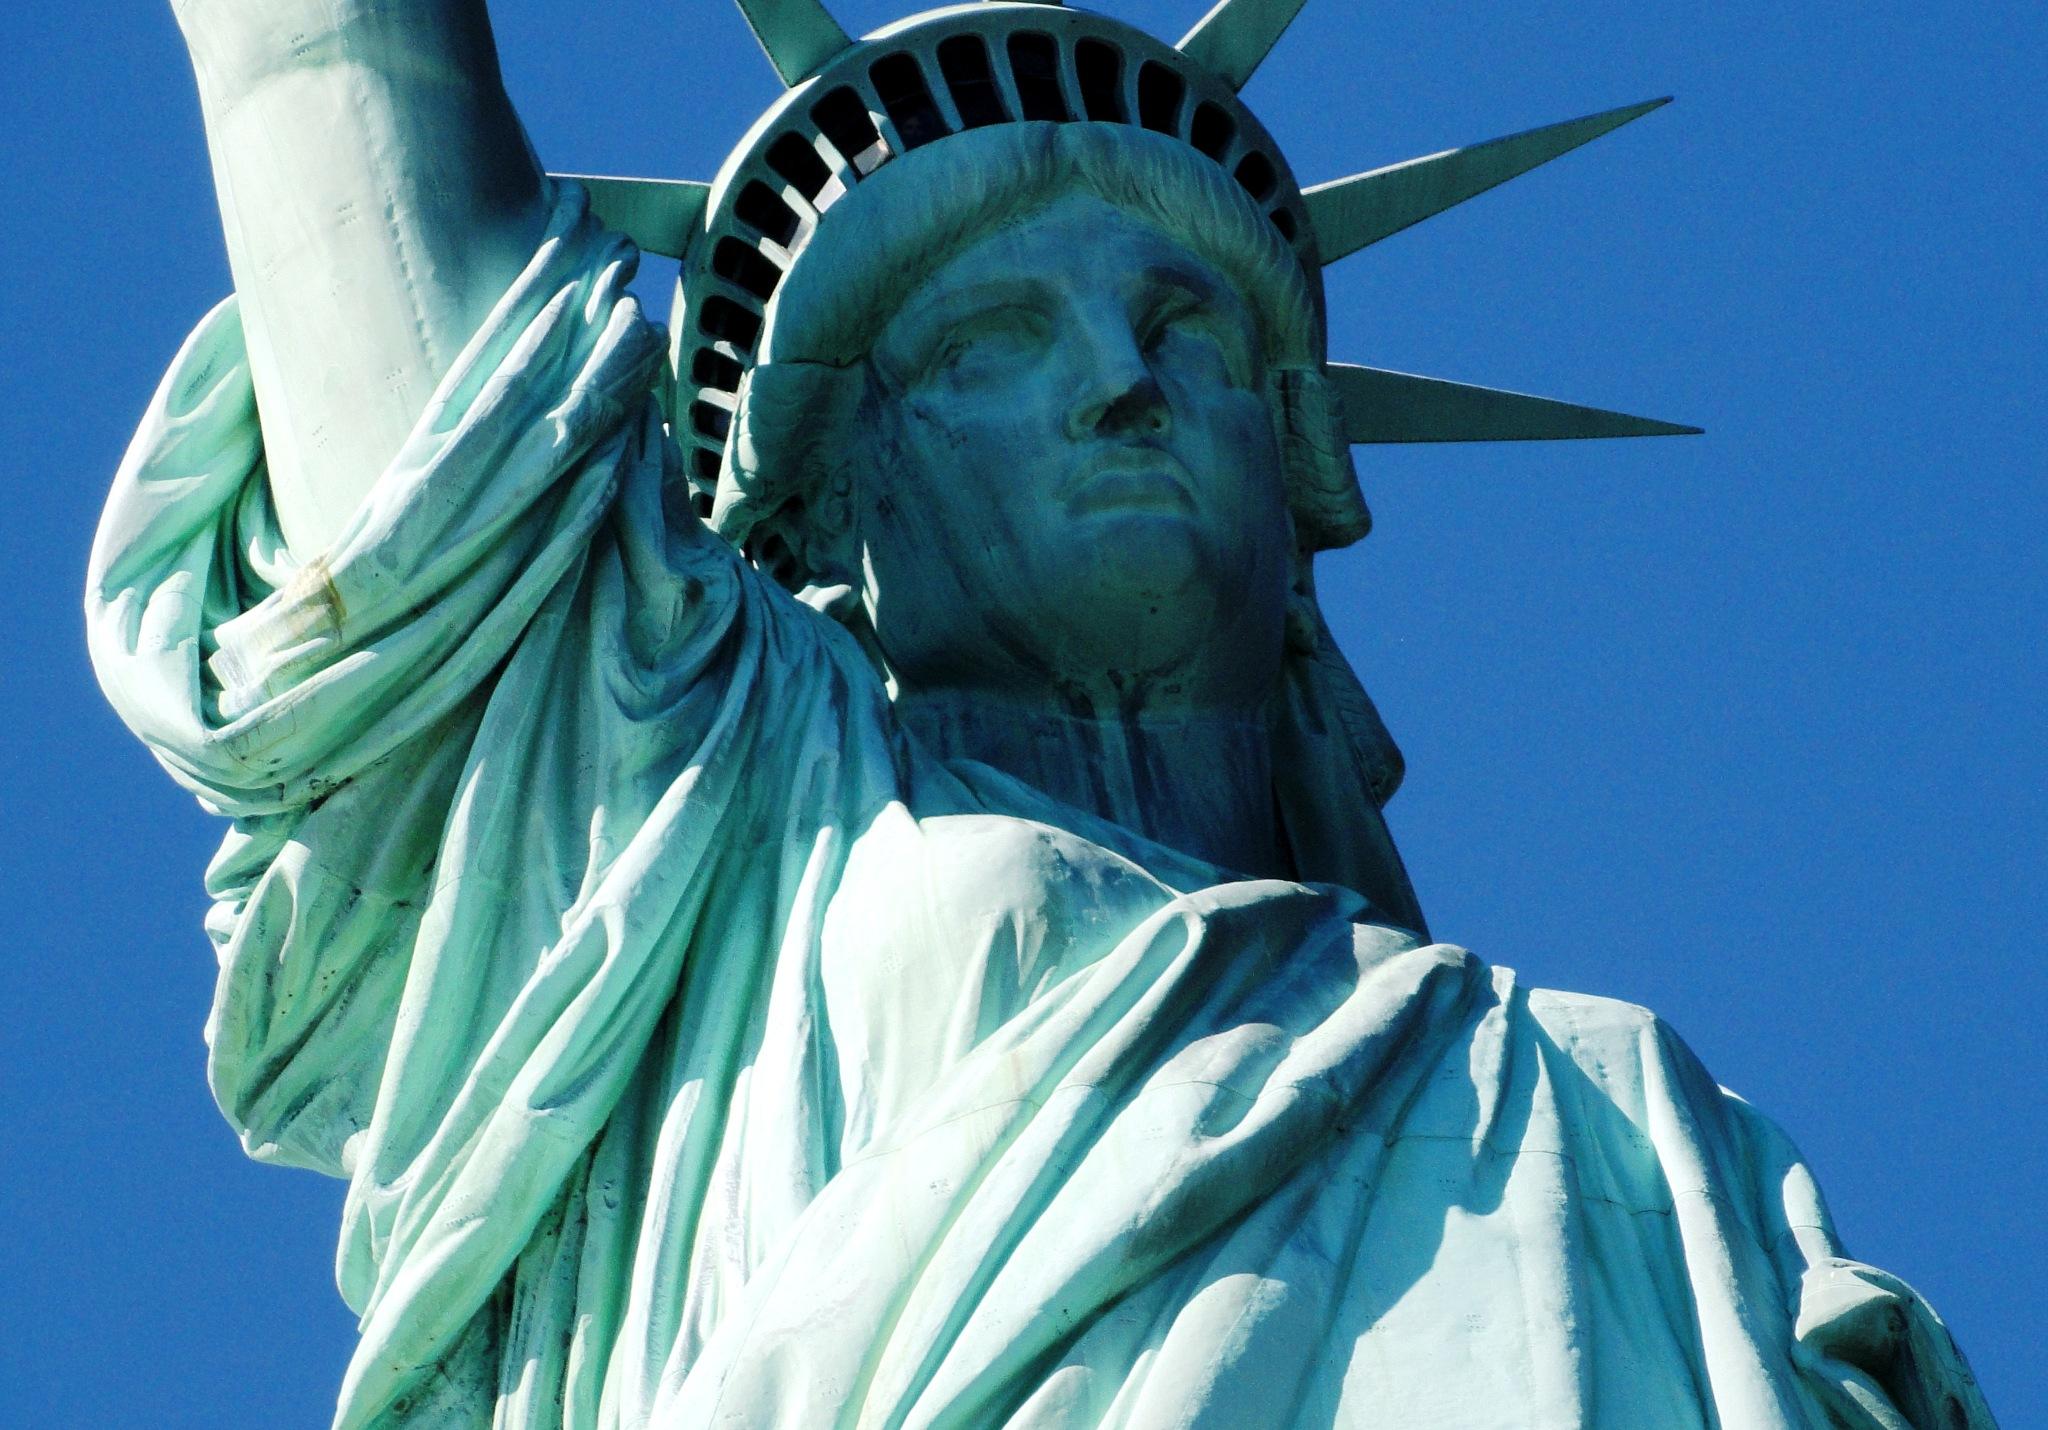 Closer look - Statue of Liberty by Suresh Tewari